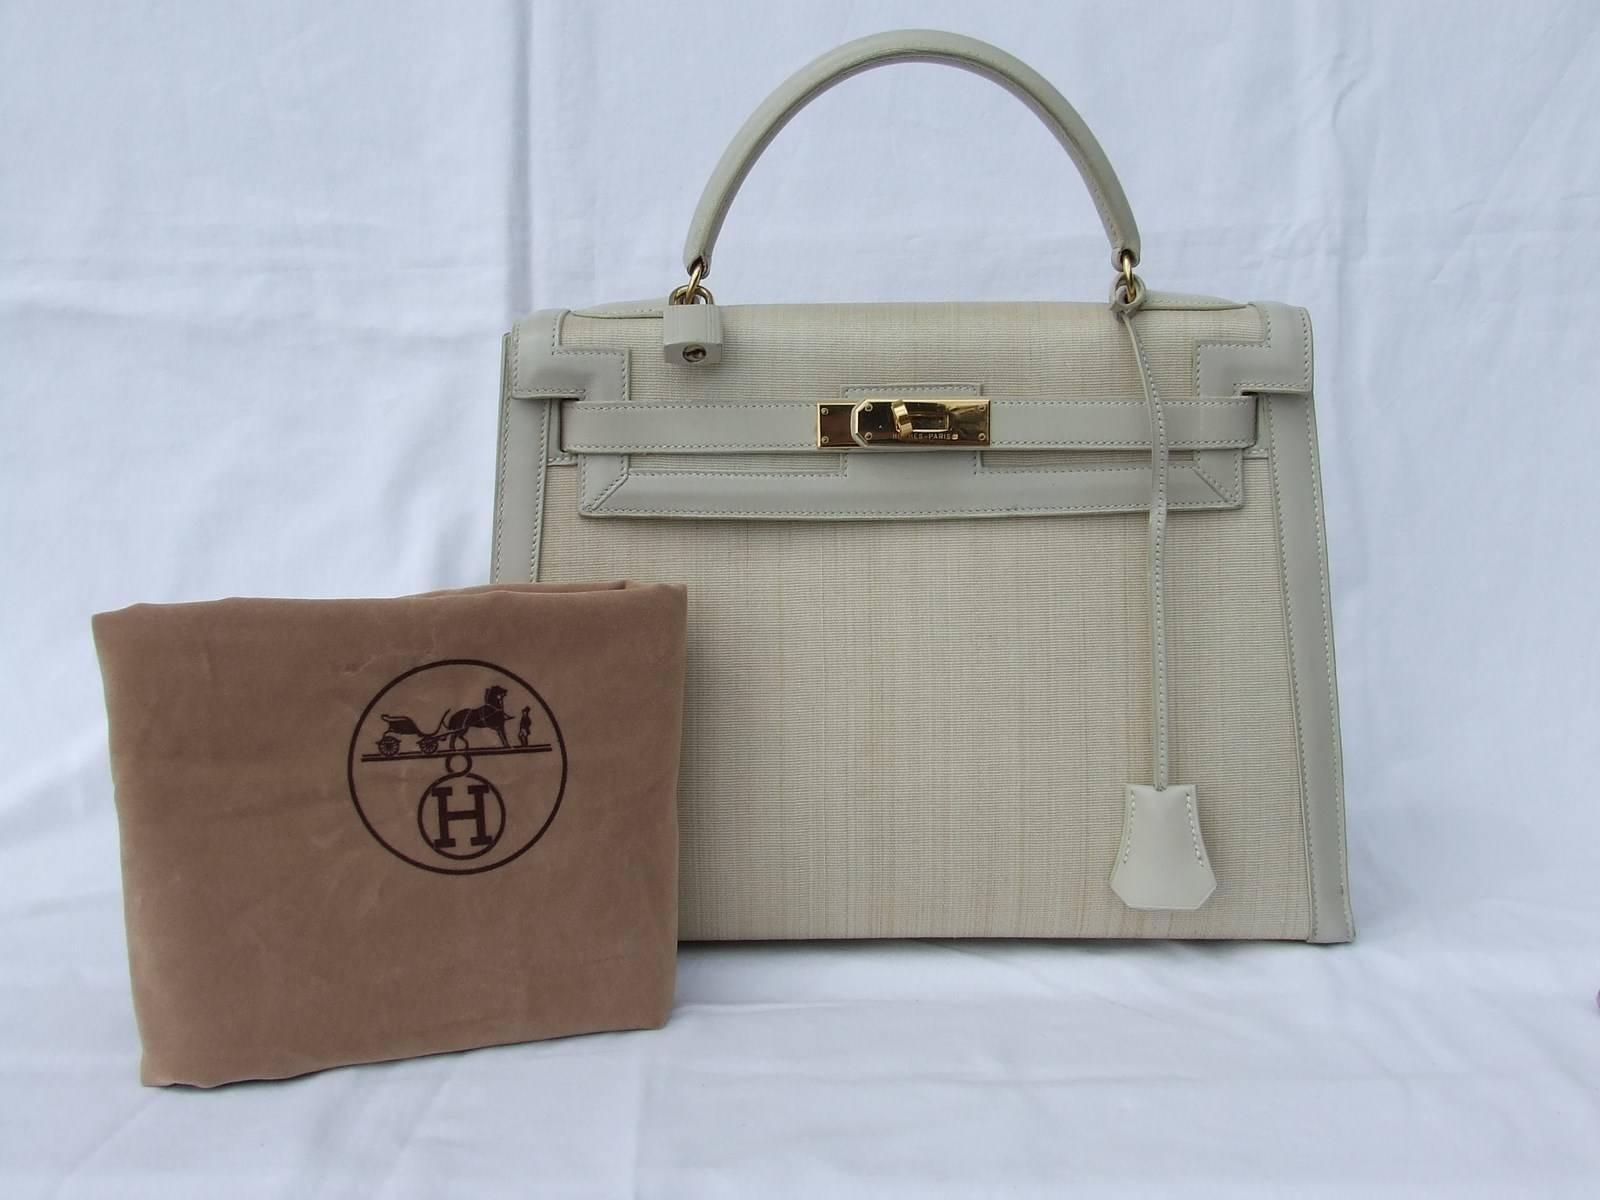 ... promo code for rare hermes kelly sellier bag crinoline horse hair beige  gold hdw 32 cm 2e4e018ca0694